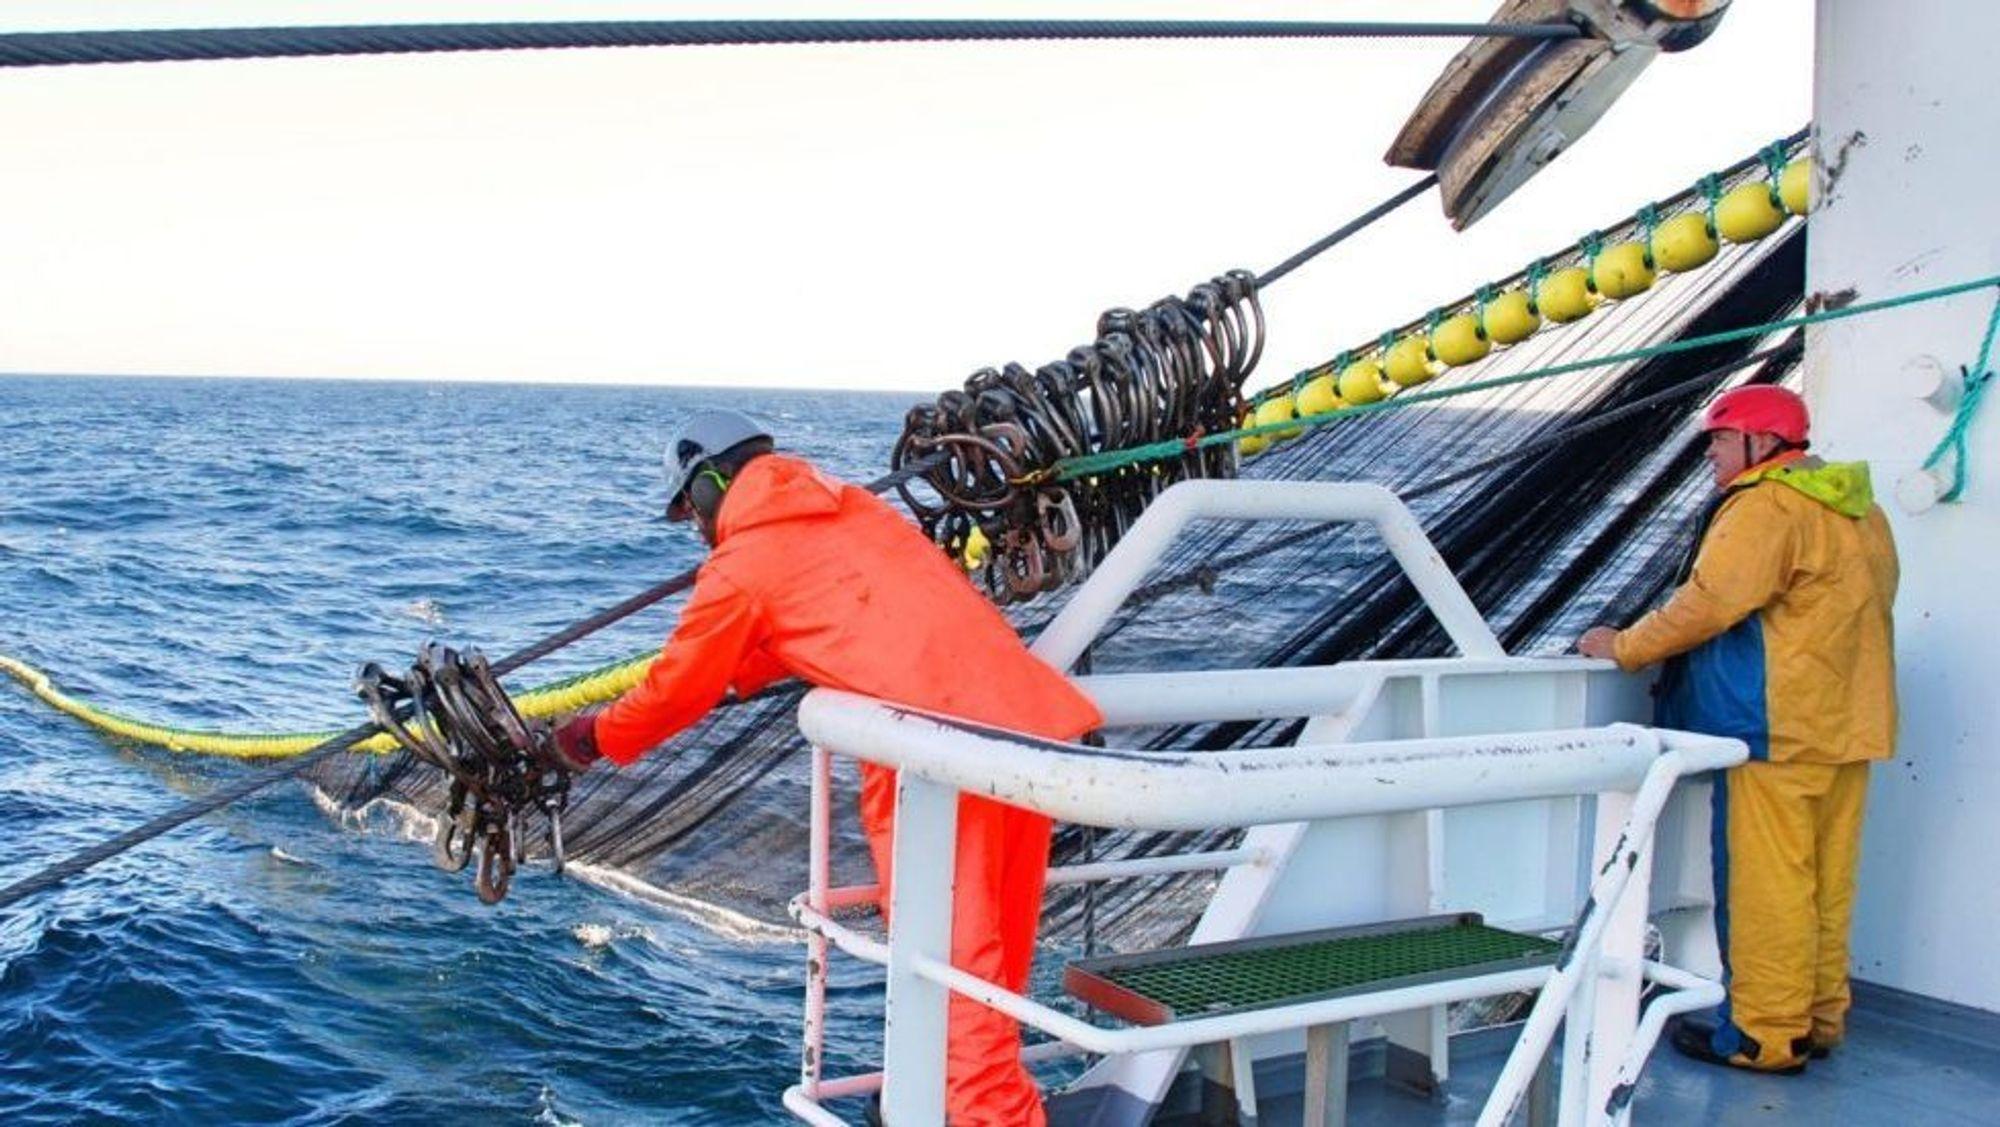 Villfanget fisk har blitt mer klimavennlig de siste årene. Det gjelder ikke for oppdrettslaksen.